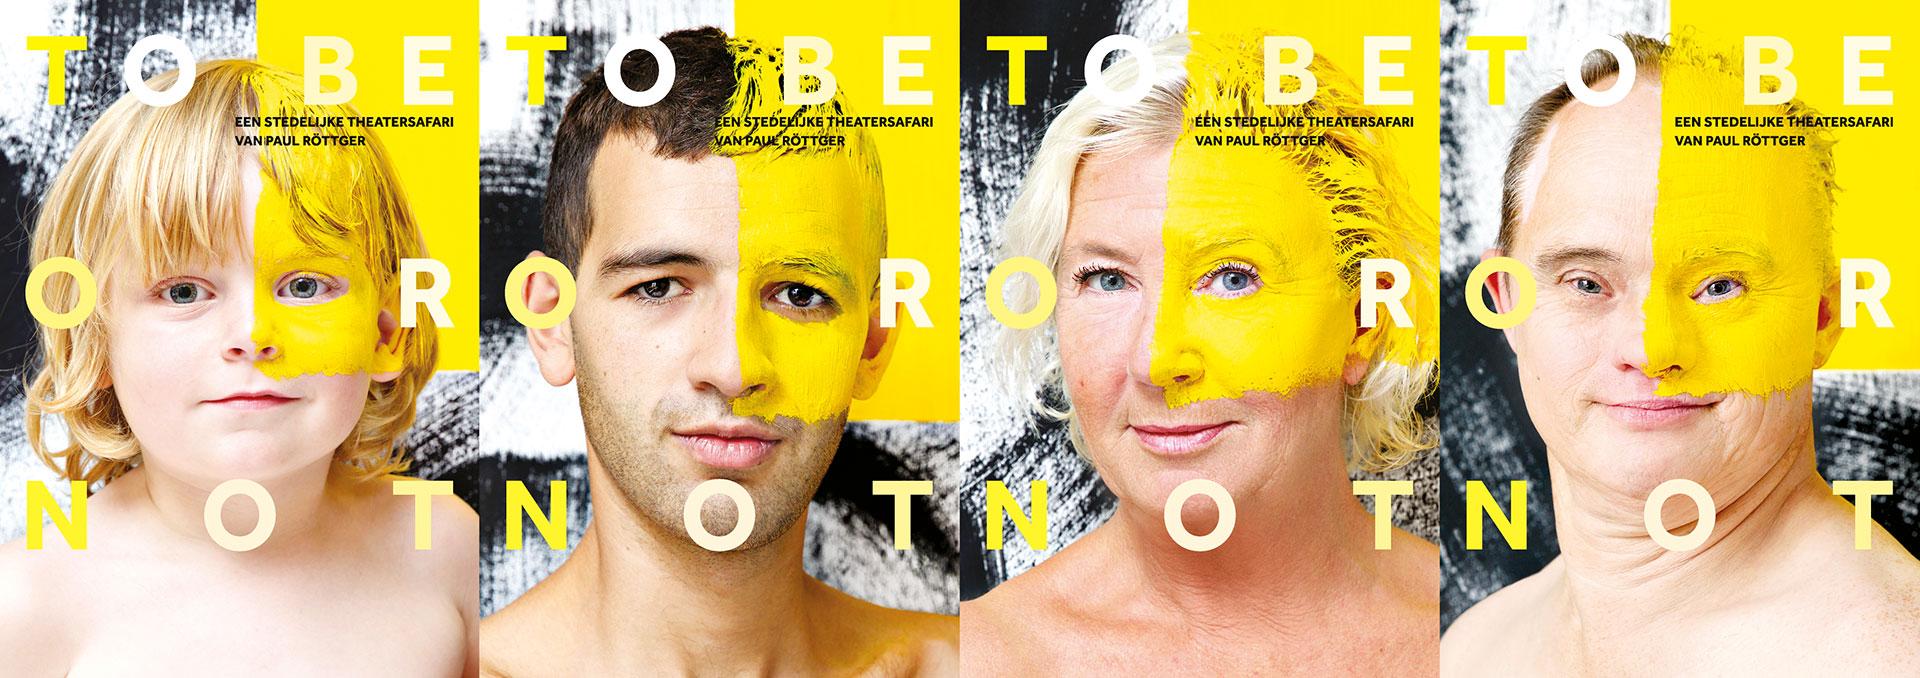 tobeornot-website-banner